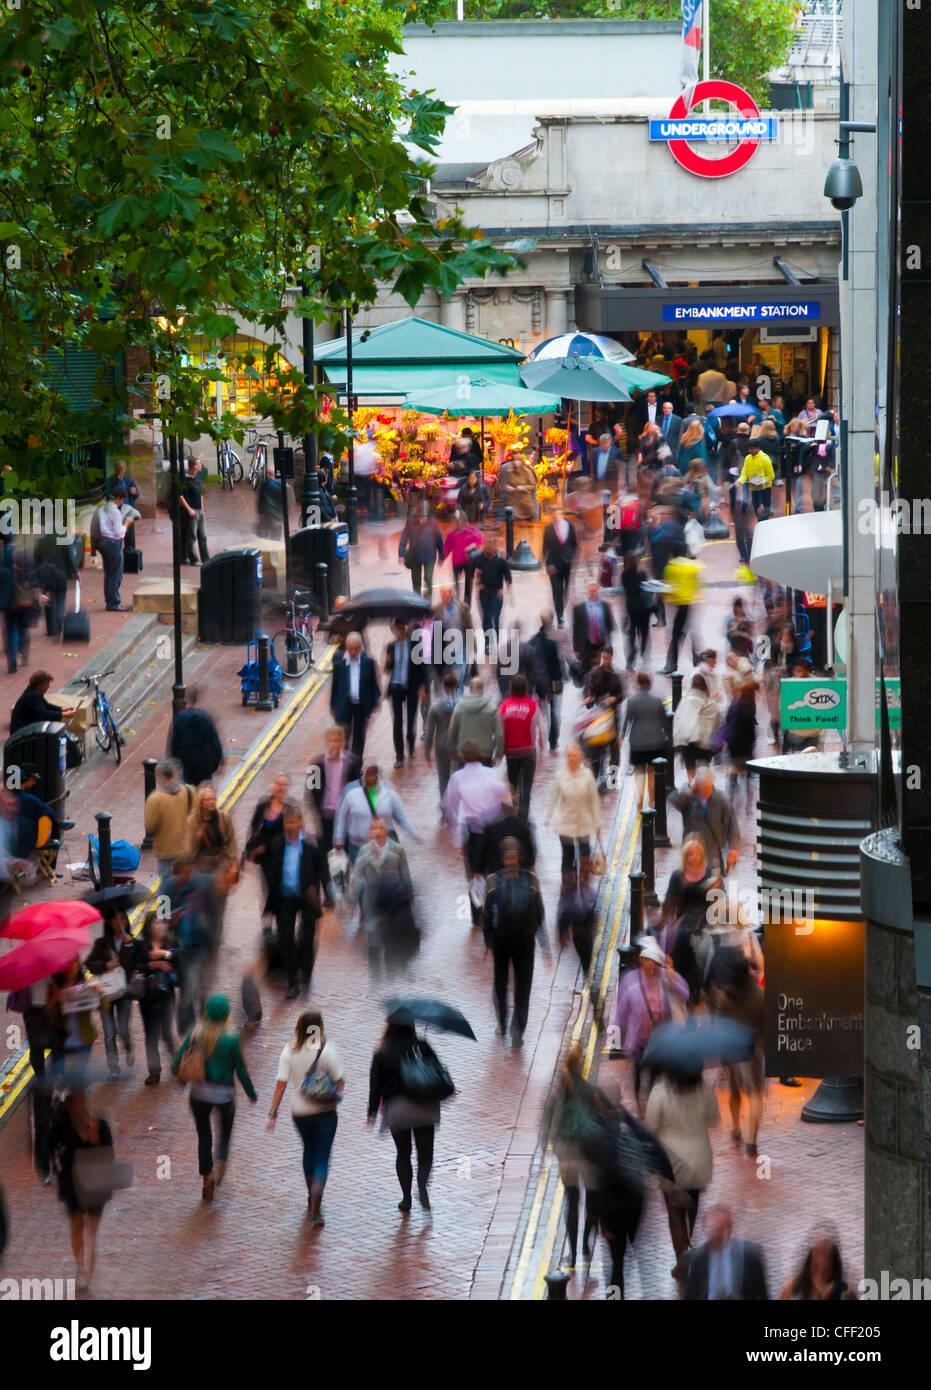 Embankment station, London, England, United Kingdom, Europe - Stock Image